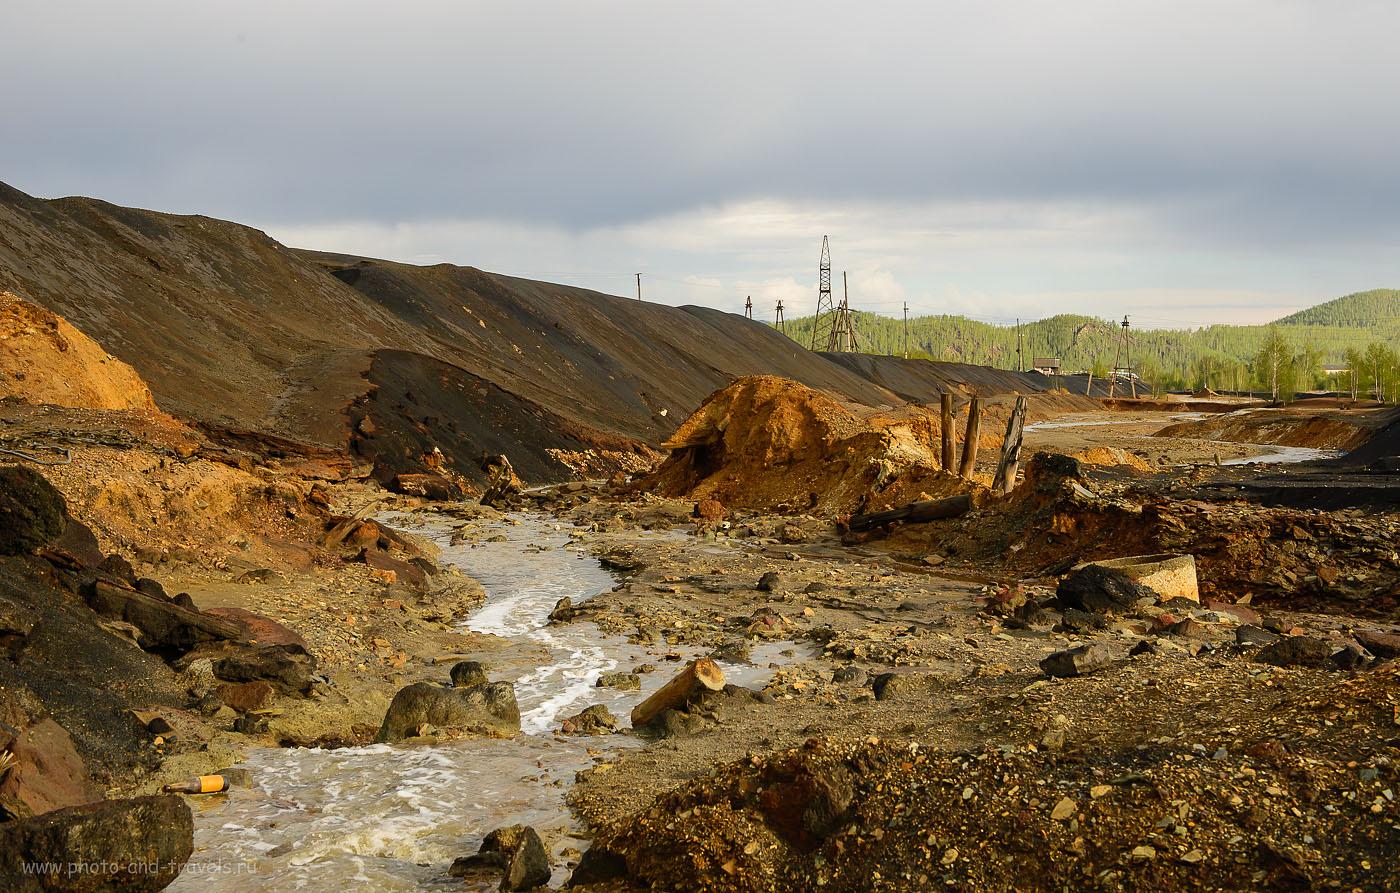 9. Мёртвая вода в реке Сак-Элга. Отзыв об экскурсии по окрестностям Карабаша. (400, 45, 10.0, 1/250)